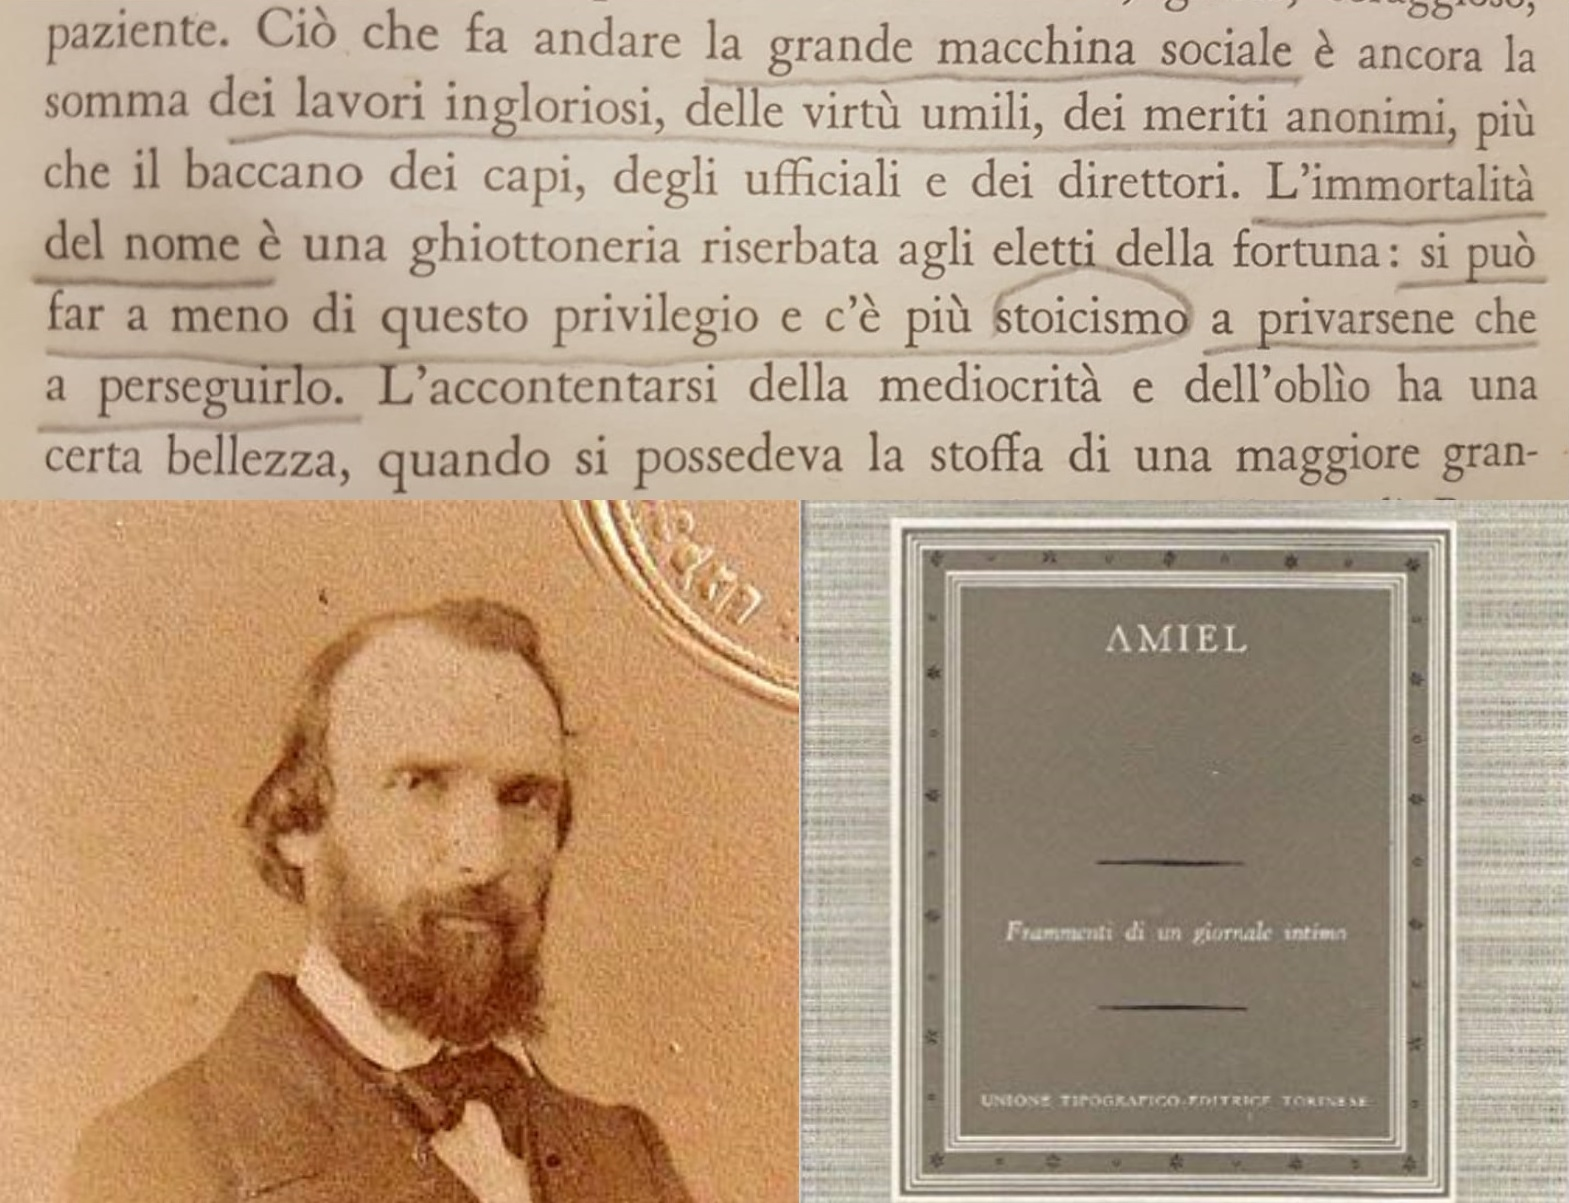 """""""Diario intimo"""" di Henri-Frédéric Amiel: l'era della mediocrità – ottobre 1851/1875"""